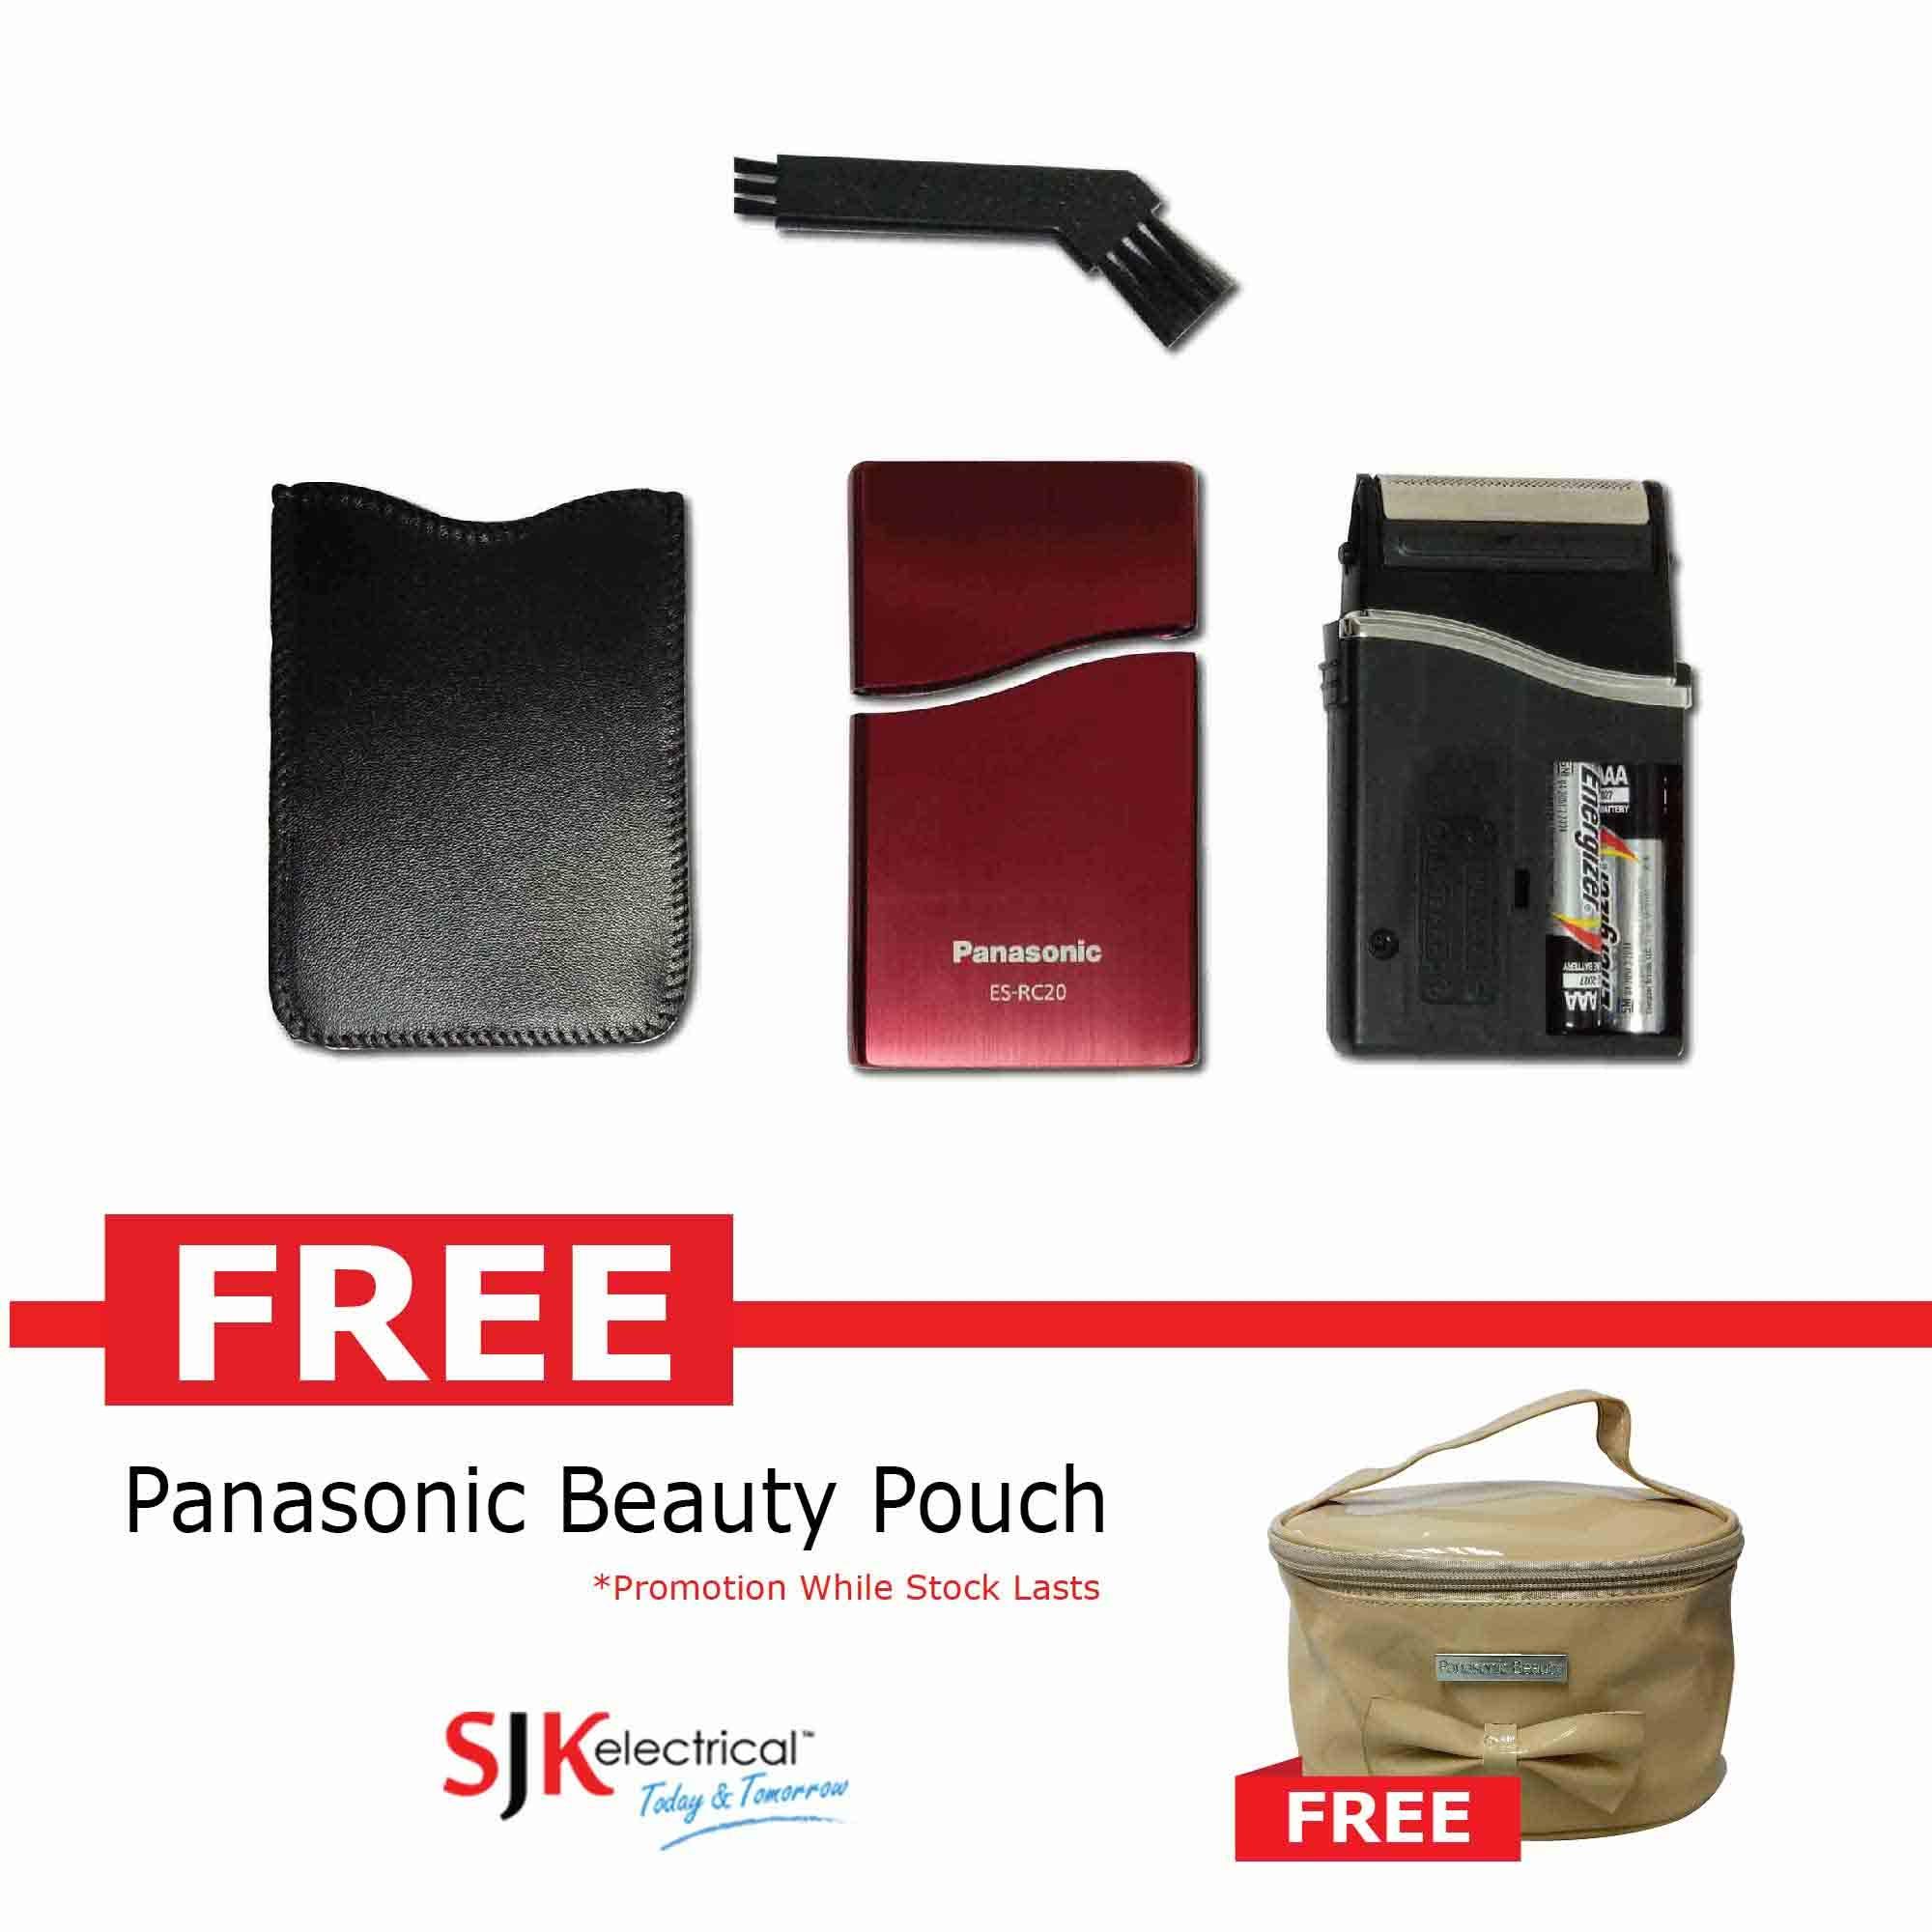 Panasonic Shaver Es534 Daftar Harga Terkini Dan Terlengkap Es Lc20 Lamdash Three Blade Razor Electric Rechargeable Portable Compact Rc20 Battery Slim Size Card